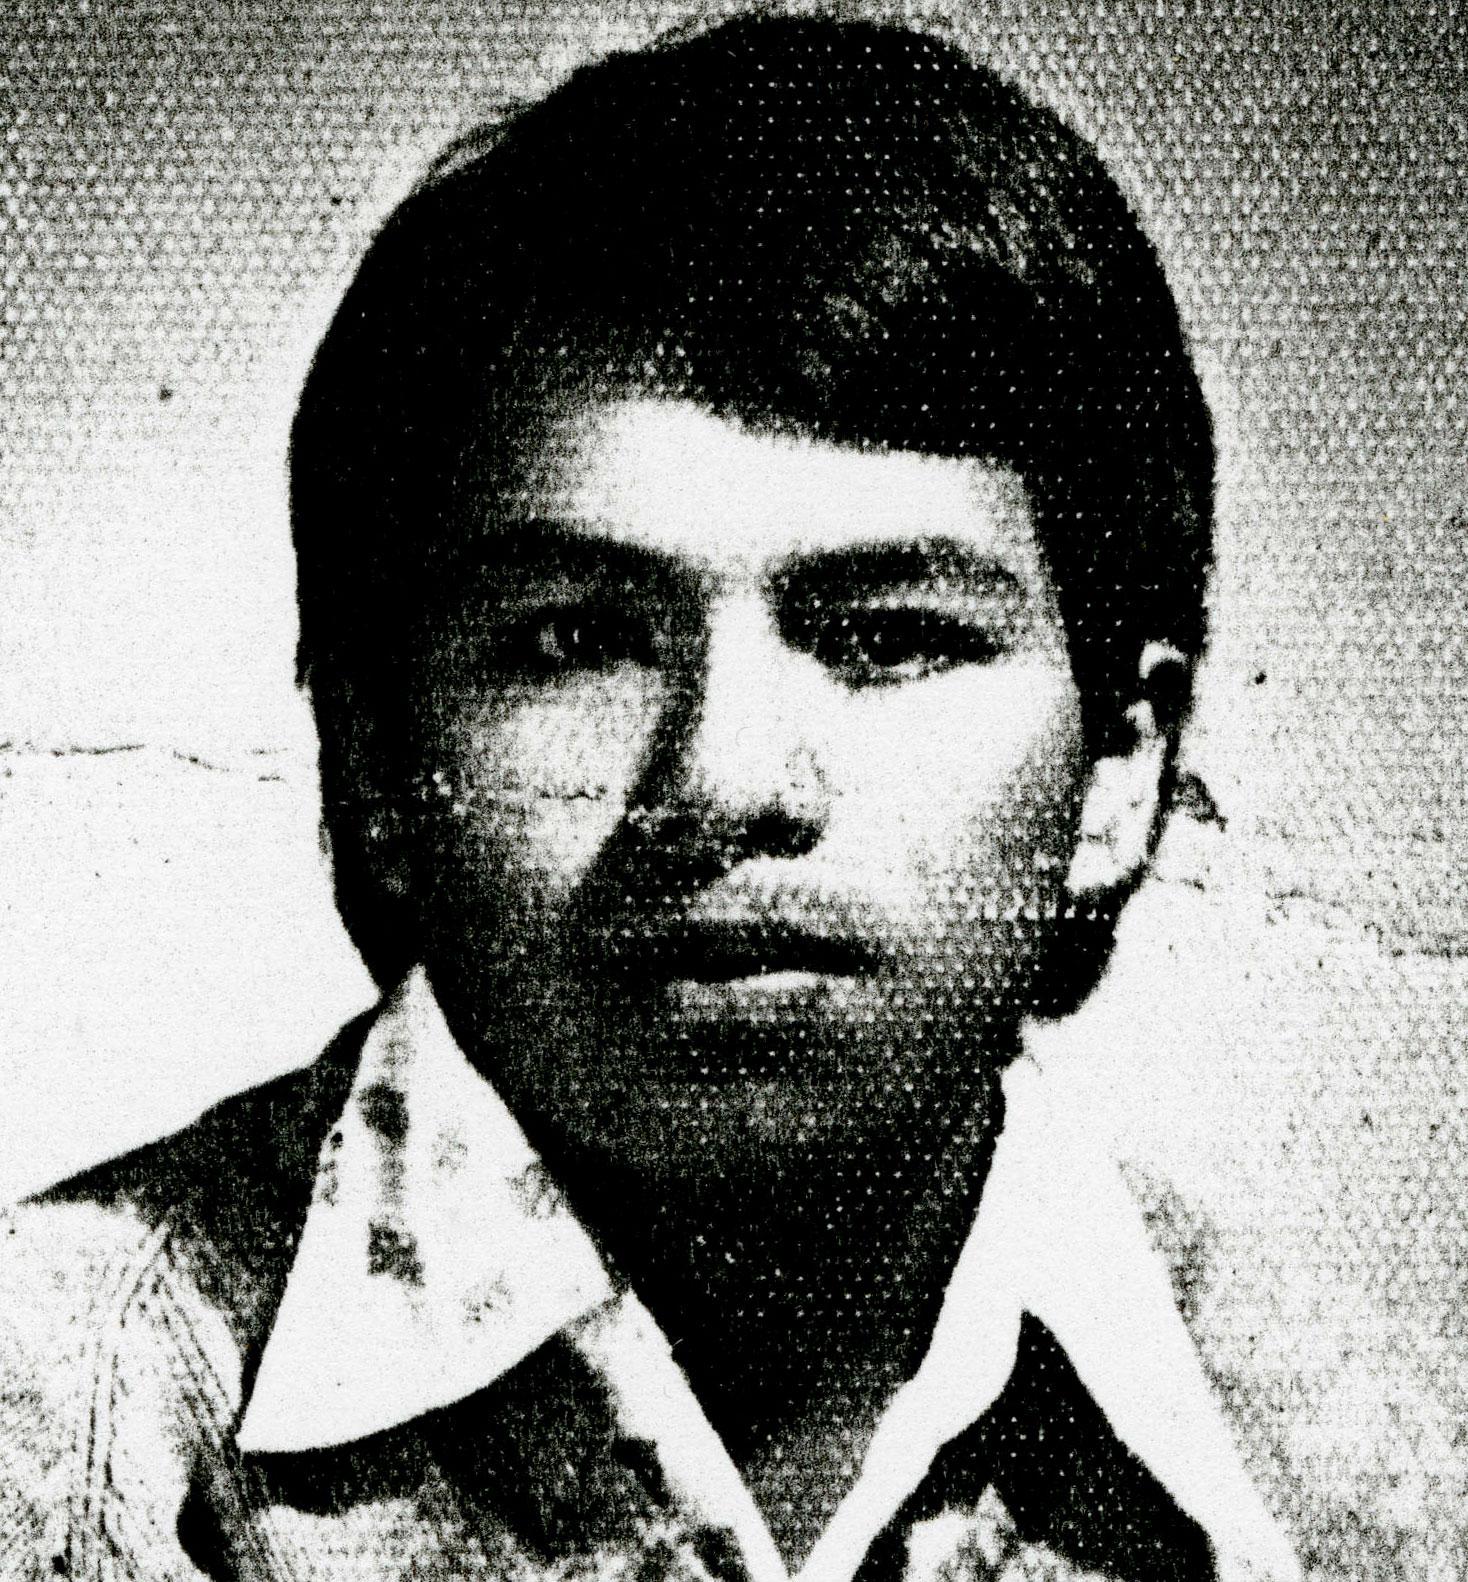 <p>Desaparecido el 15 de mayo 1984, 8:45 horas en las 6 av. 8 calle de la zona 9. Estudiante de 5to magisterion, pertenecia a la organización del PGT. Salio de su casa a las 7:30 de la mañana. Se supo de él hasta que se público el diario militar (15 mayo 1998).</p>